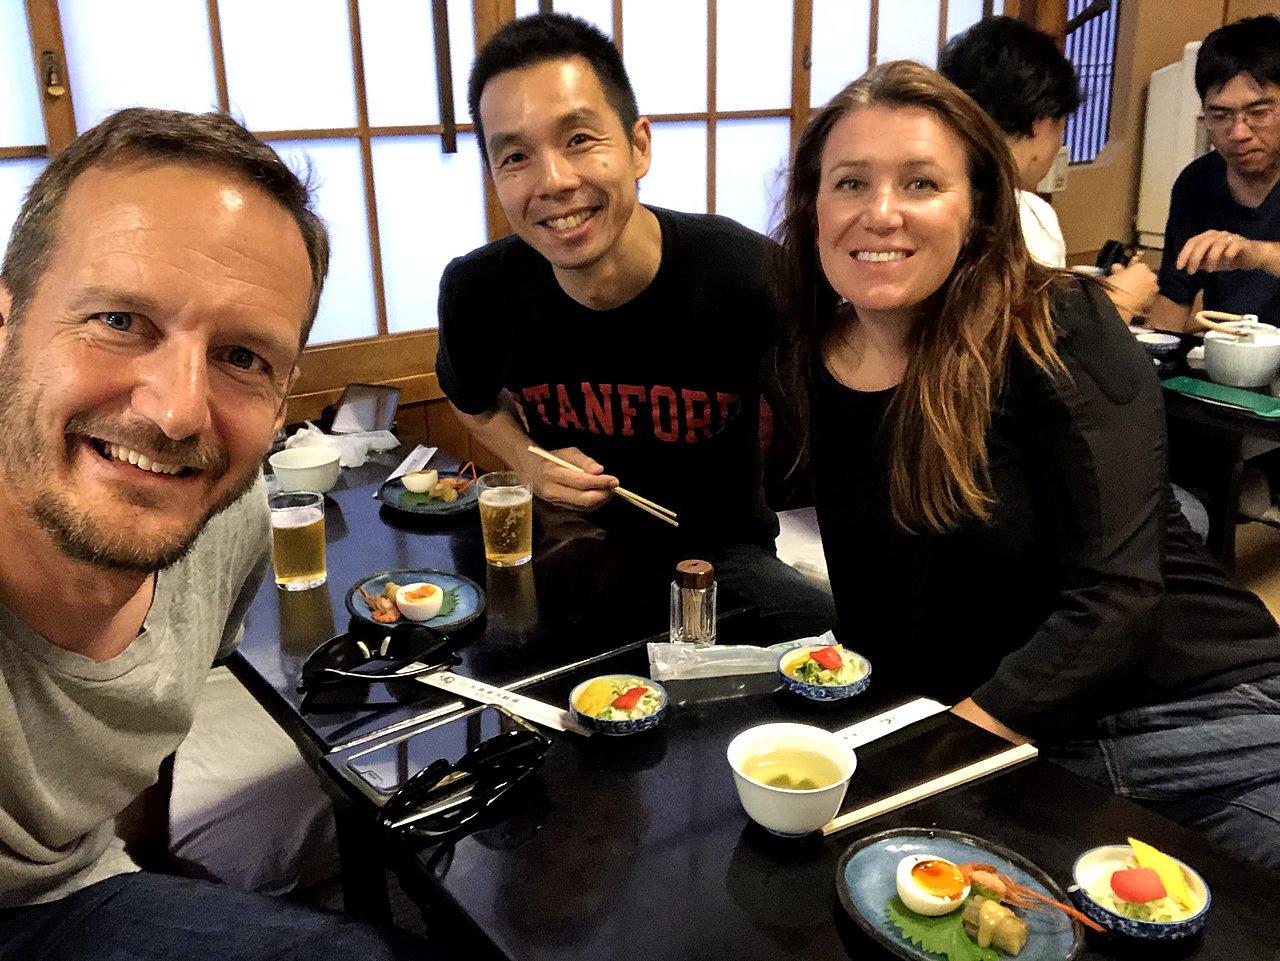 Tempura lunch in Asakusa   Photo taken by Joost S